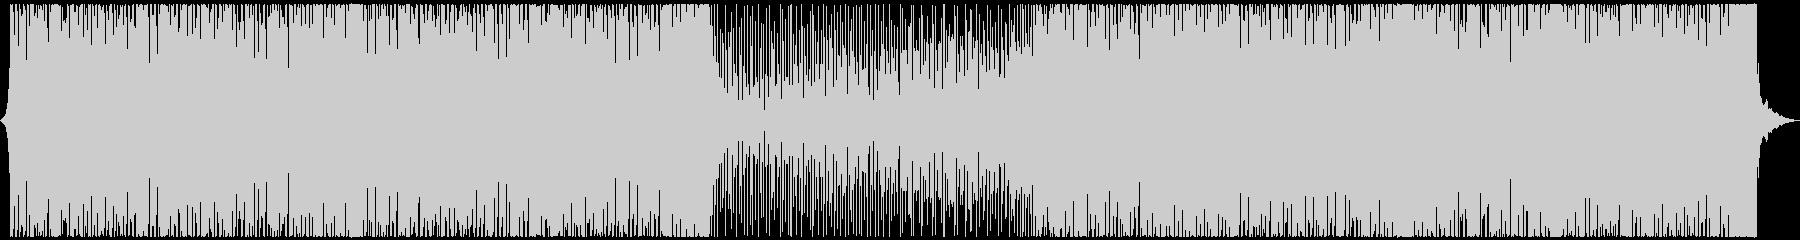 【イントロカット】疾走感溢れる熱いEDMの未再生の波形